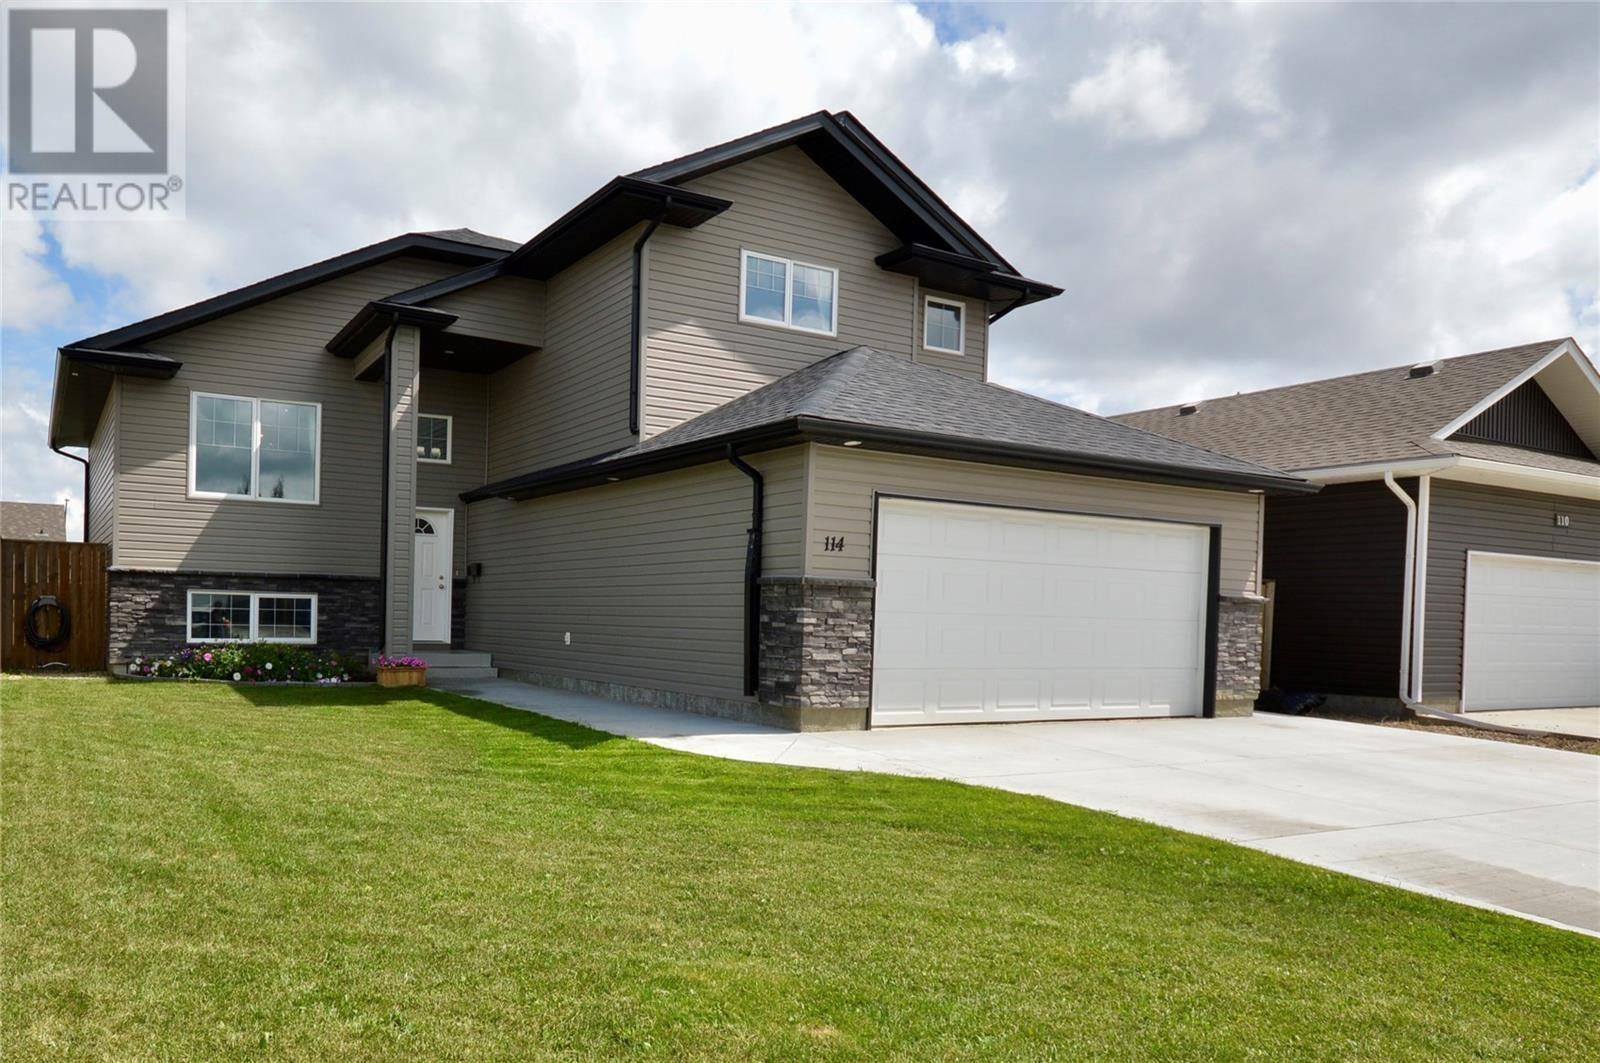 House for sale at 114 Mccallum Ln Saskatoon Saskatchewan - MLS: SK781182